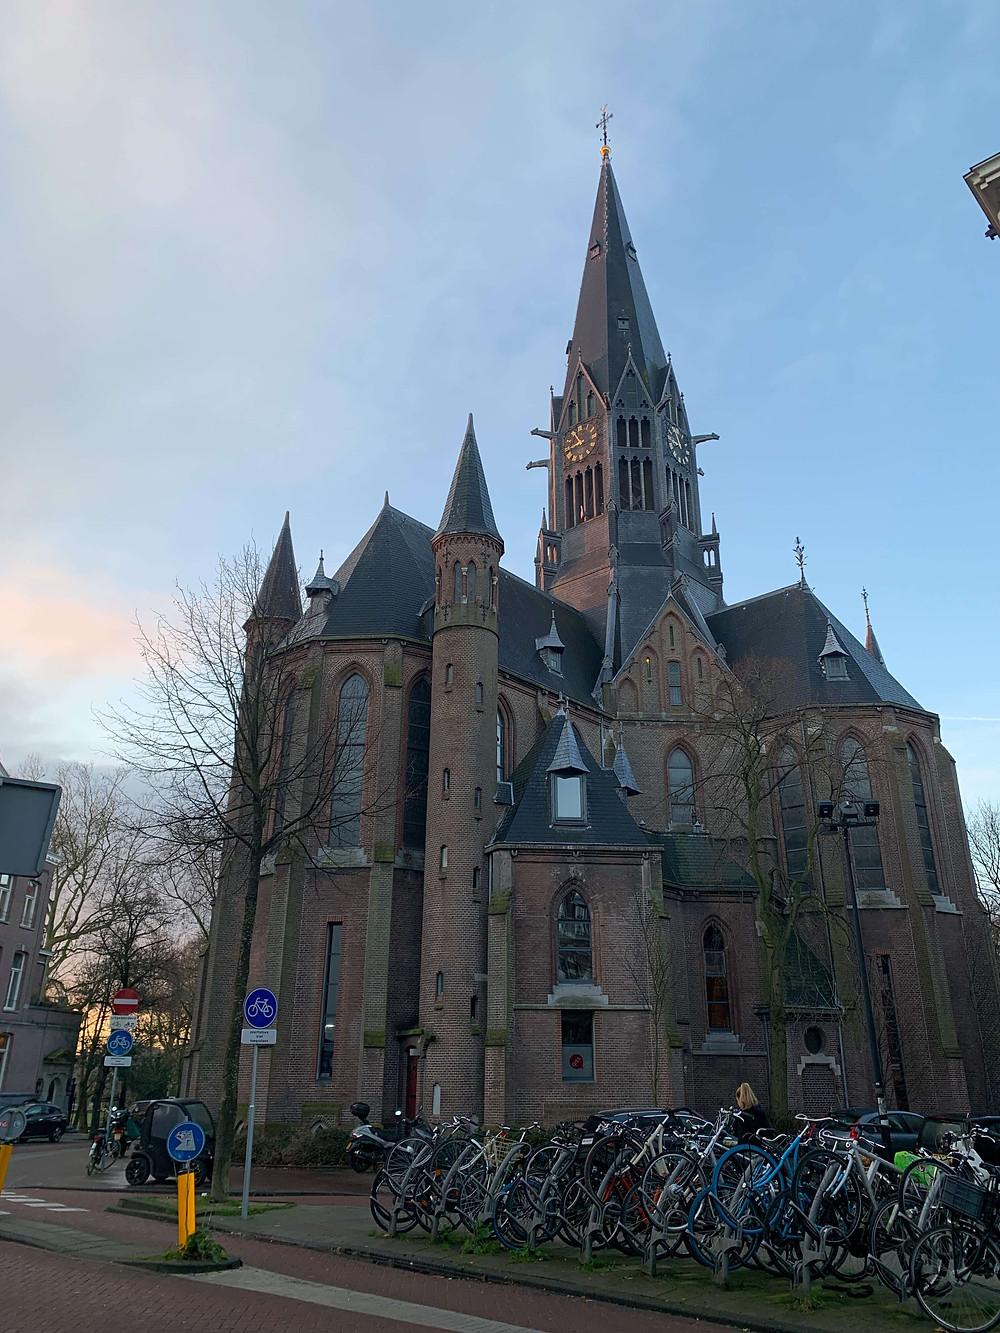 הכנסיה הגותית בפארק בתכנונו של האדריכל קאופרס אשר תכנן גם את התחנה המרכזית ואת מוזיאון הרייקס בעיר